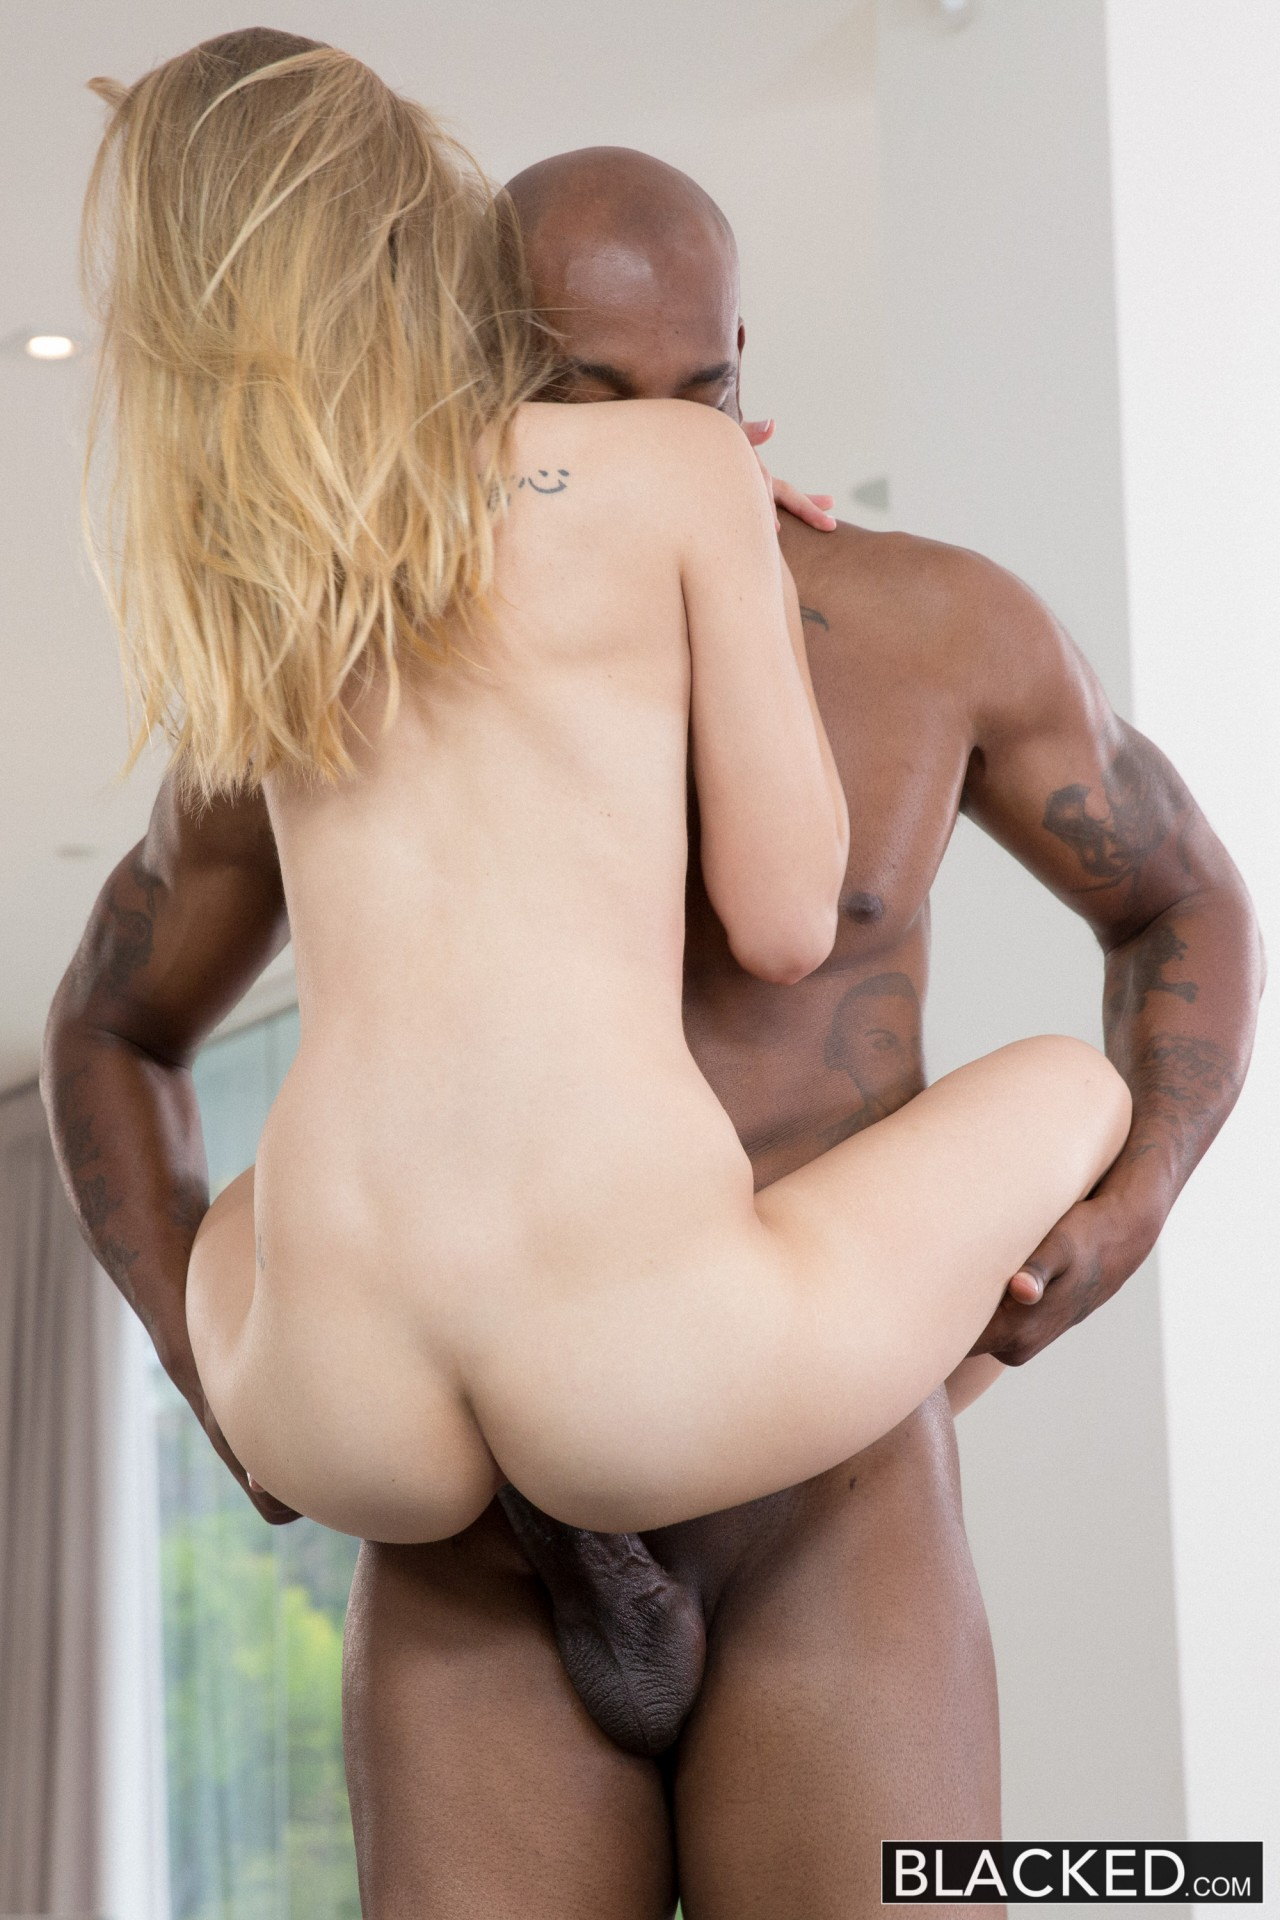 Tall Blonde Teasing Big Smooth Ass Cock